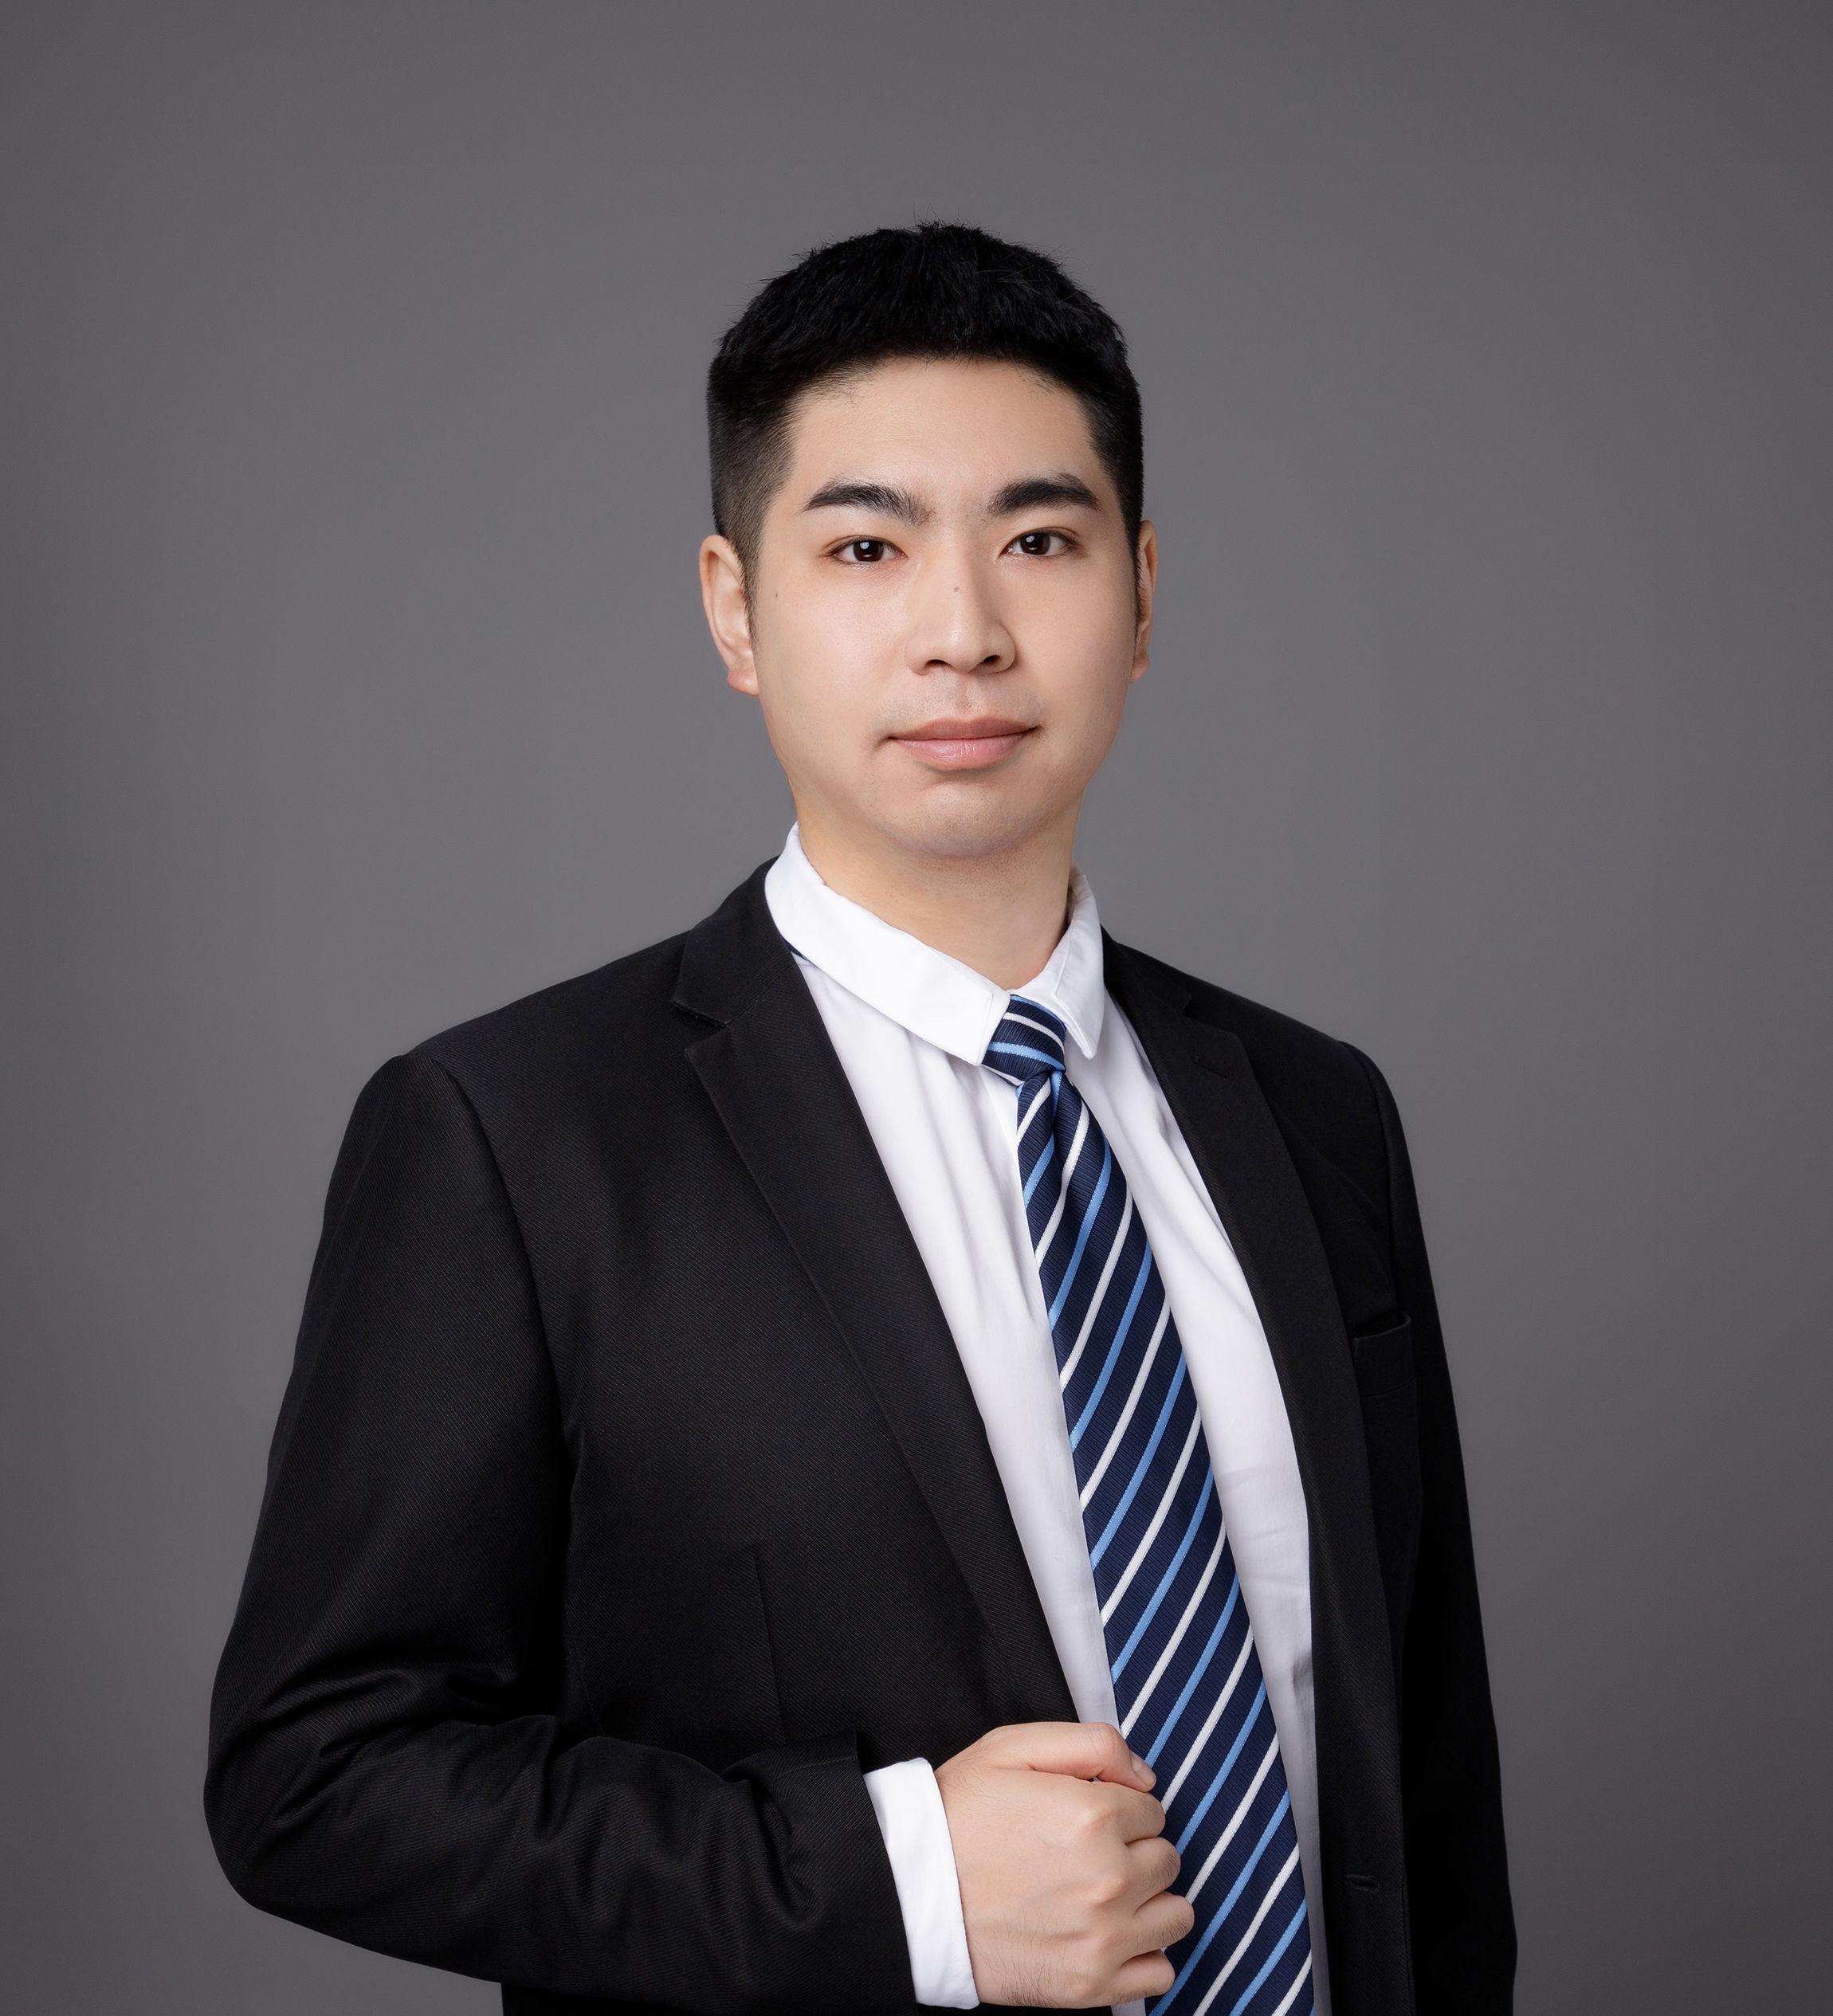 dengyuxiang1